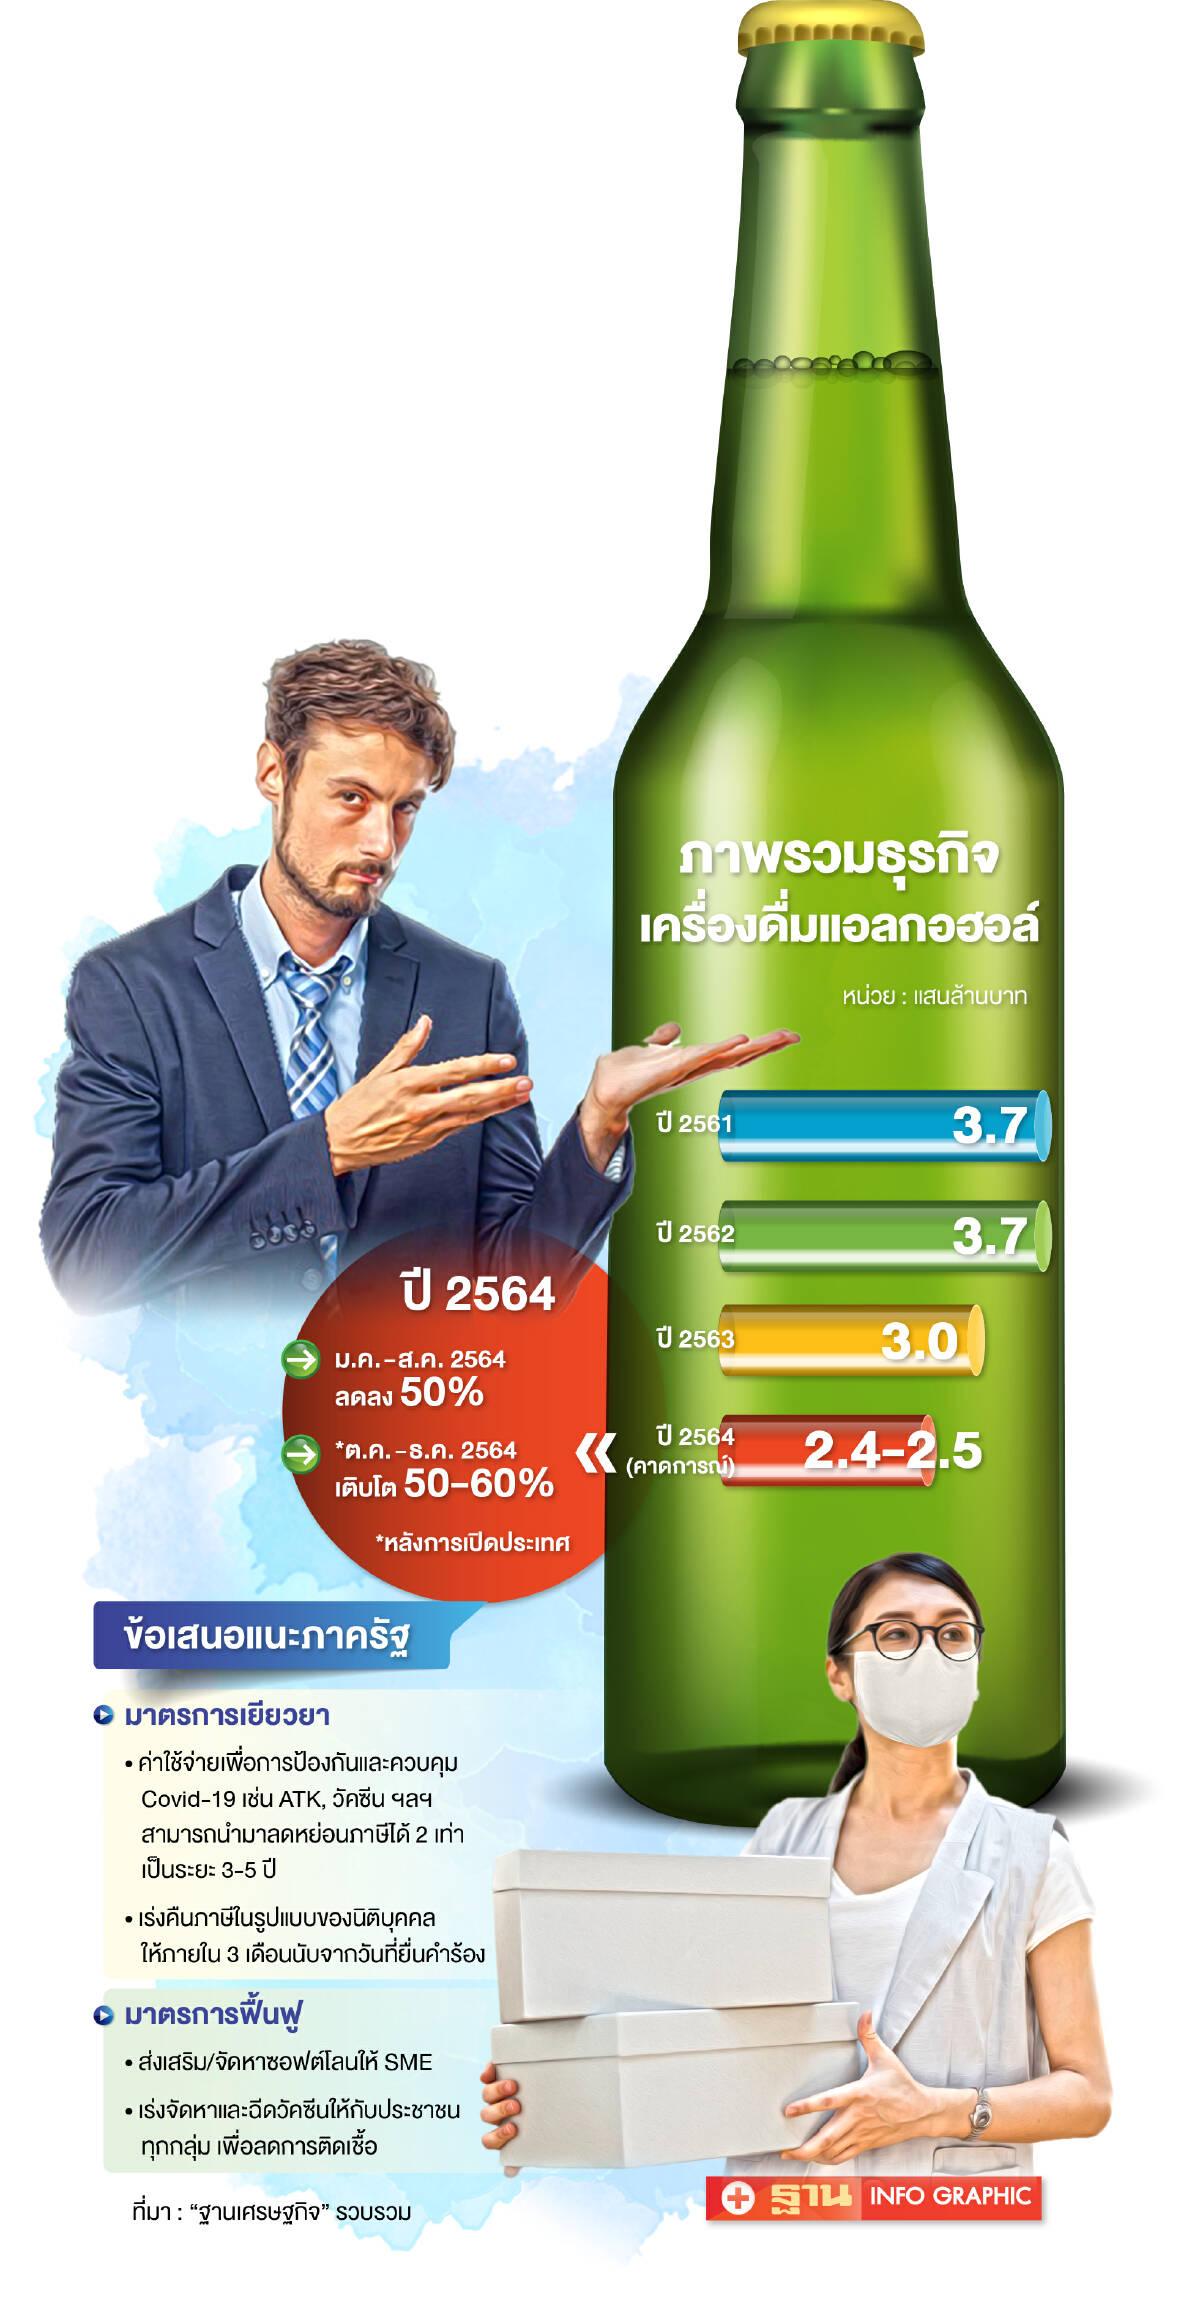 เครื่องดื่มแอลกอฮอล์วูบ 8 เดือนสูญ 50% ชง 2 มาตรการ 'เยียวยา-ฟื้นฟู'